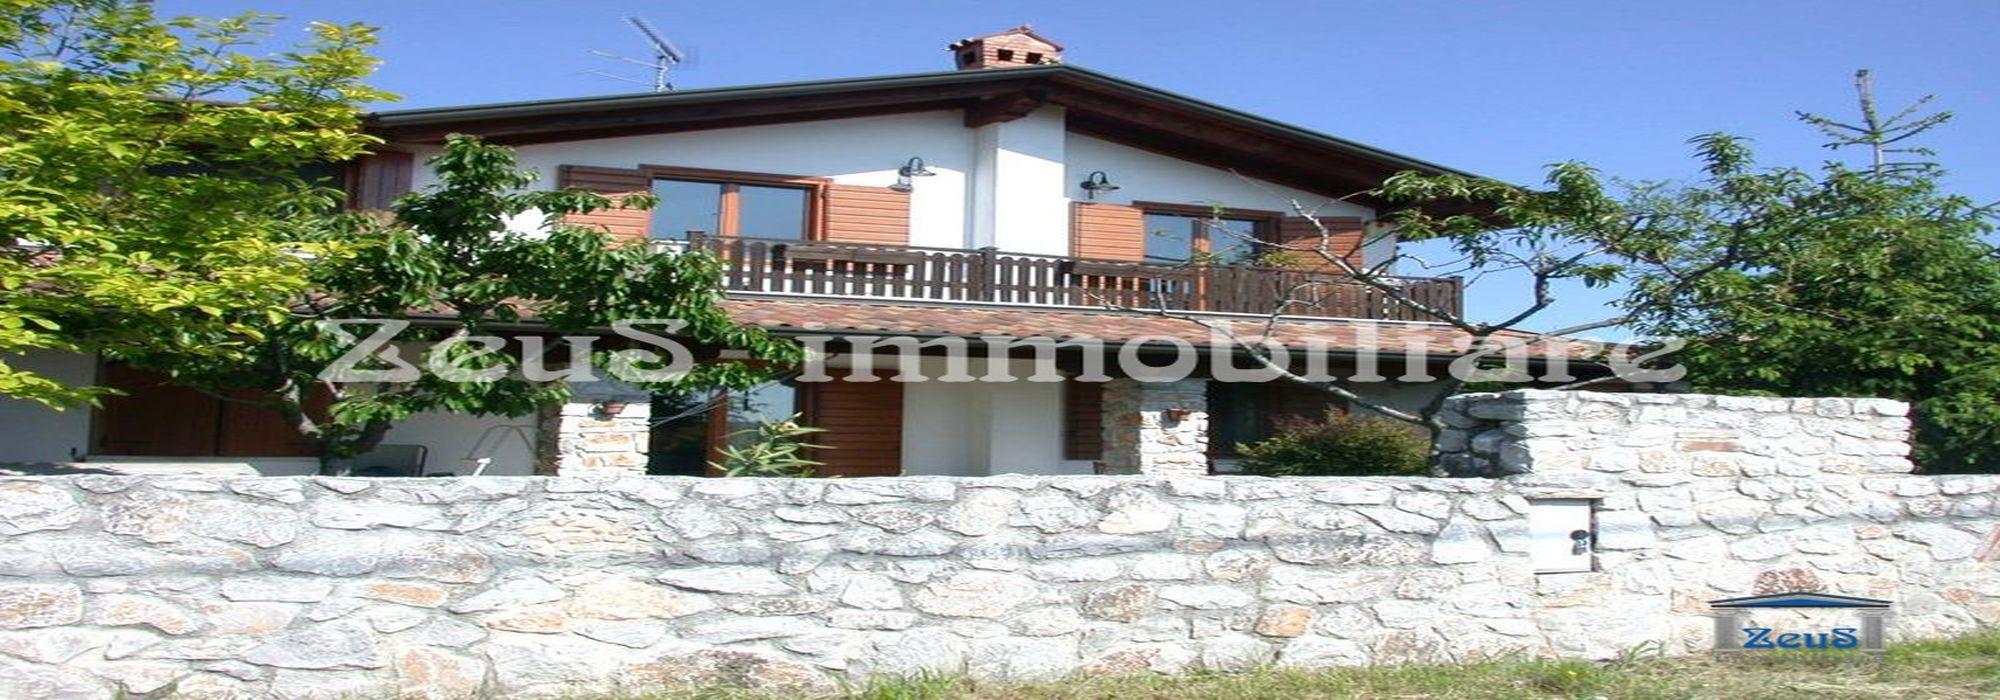 Villa singola su due livelli con giardino a Vermegliano